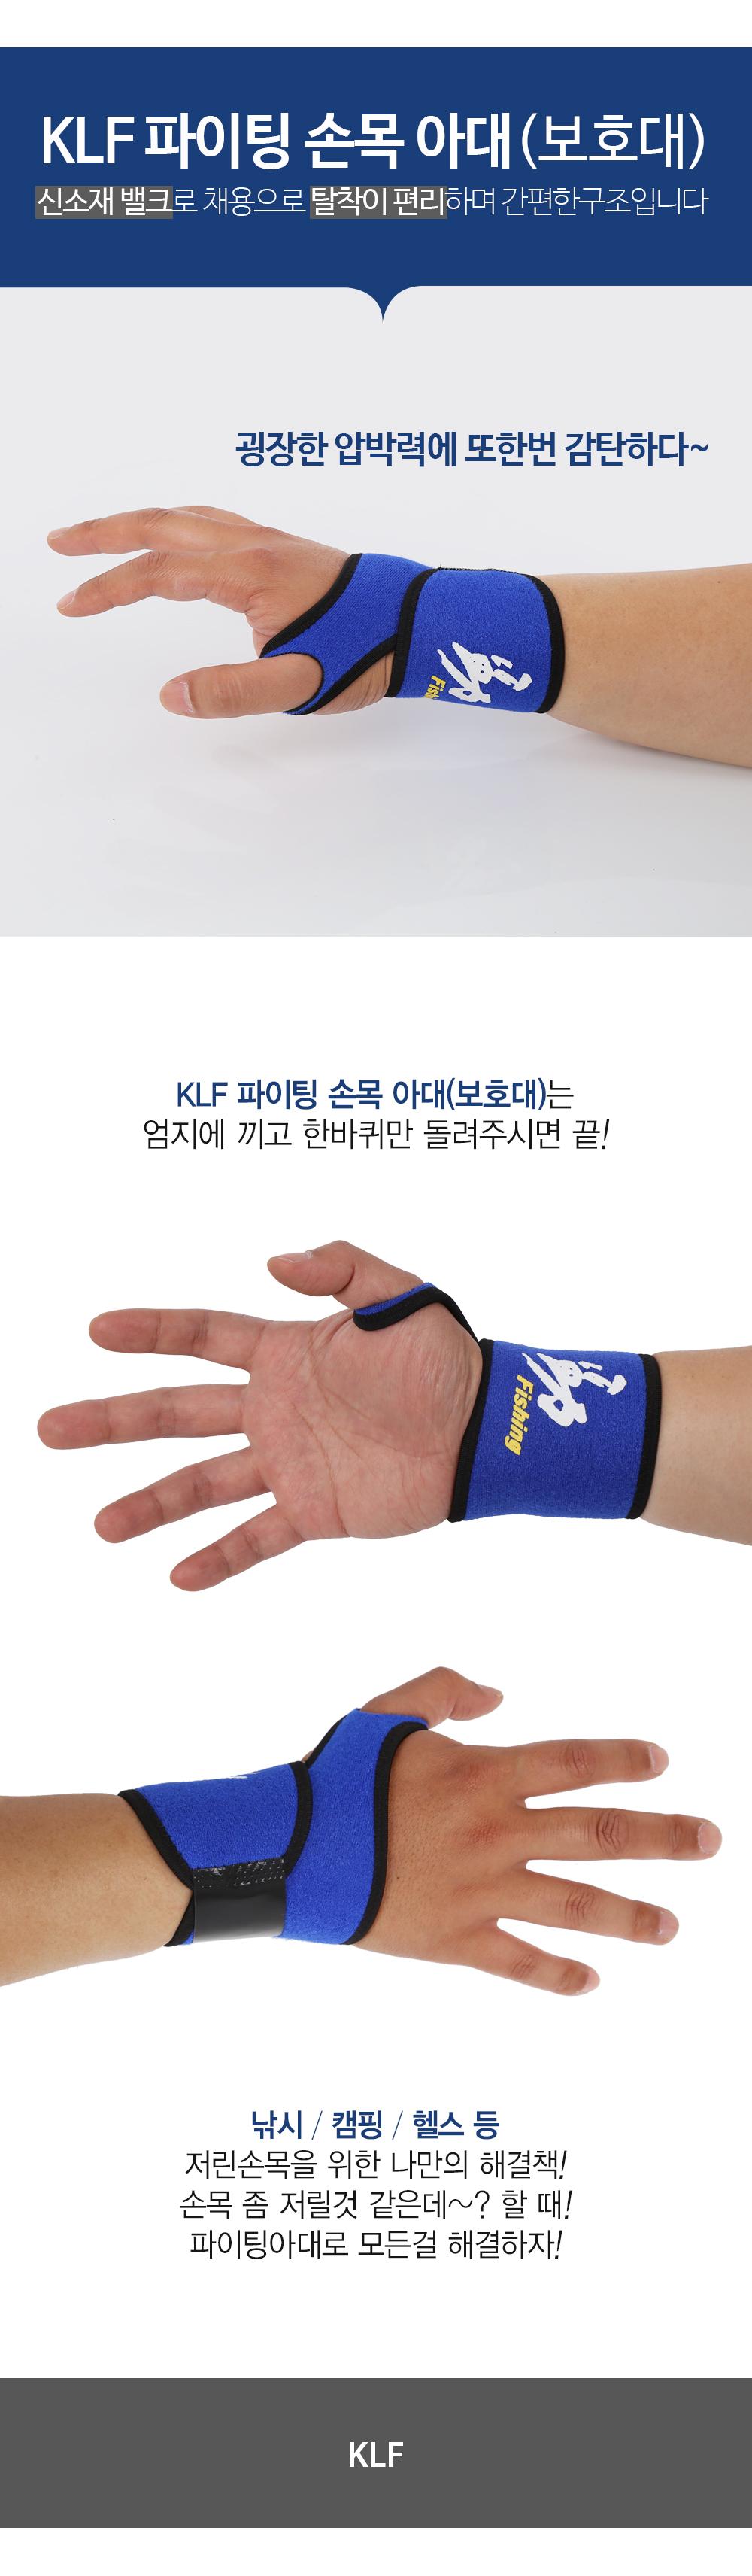 KLF 파이팅 손목 아대(보호대) 낚시장갑 파이팅아대 손목보호 보호대 손목